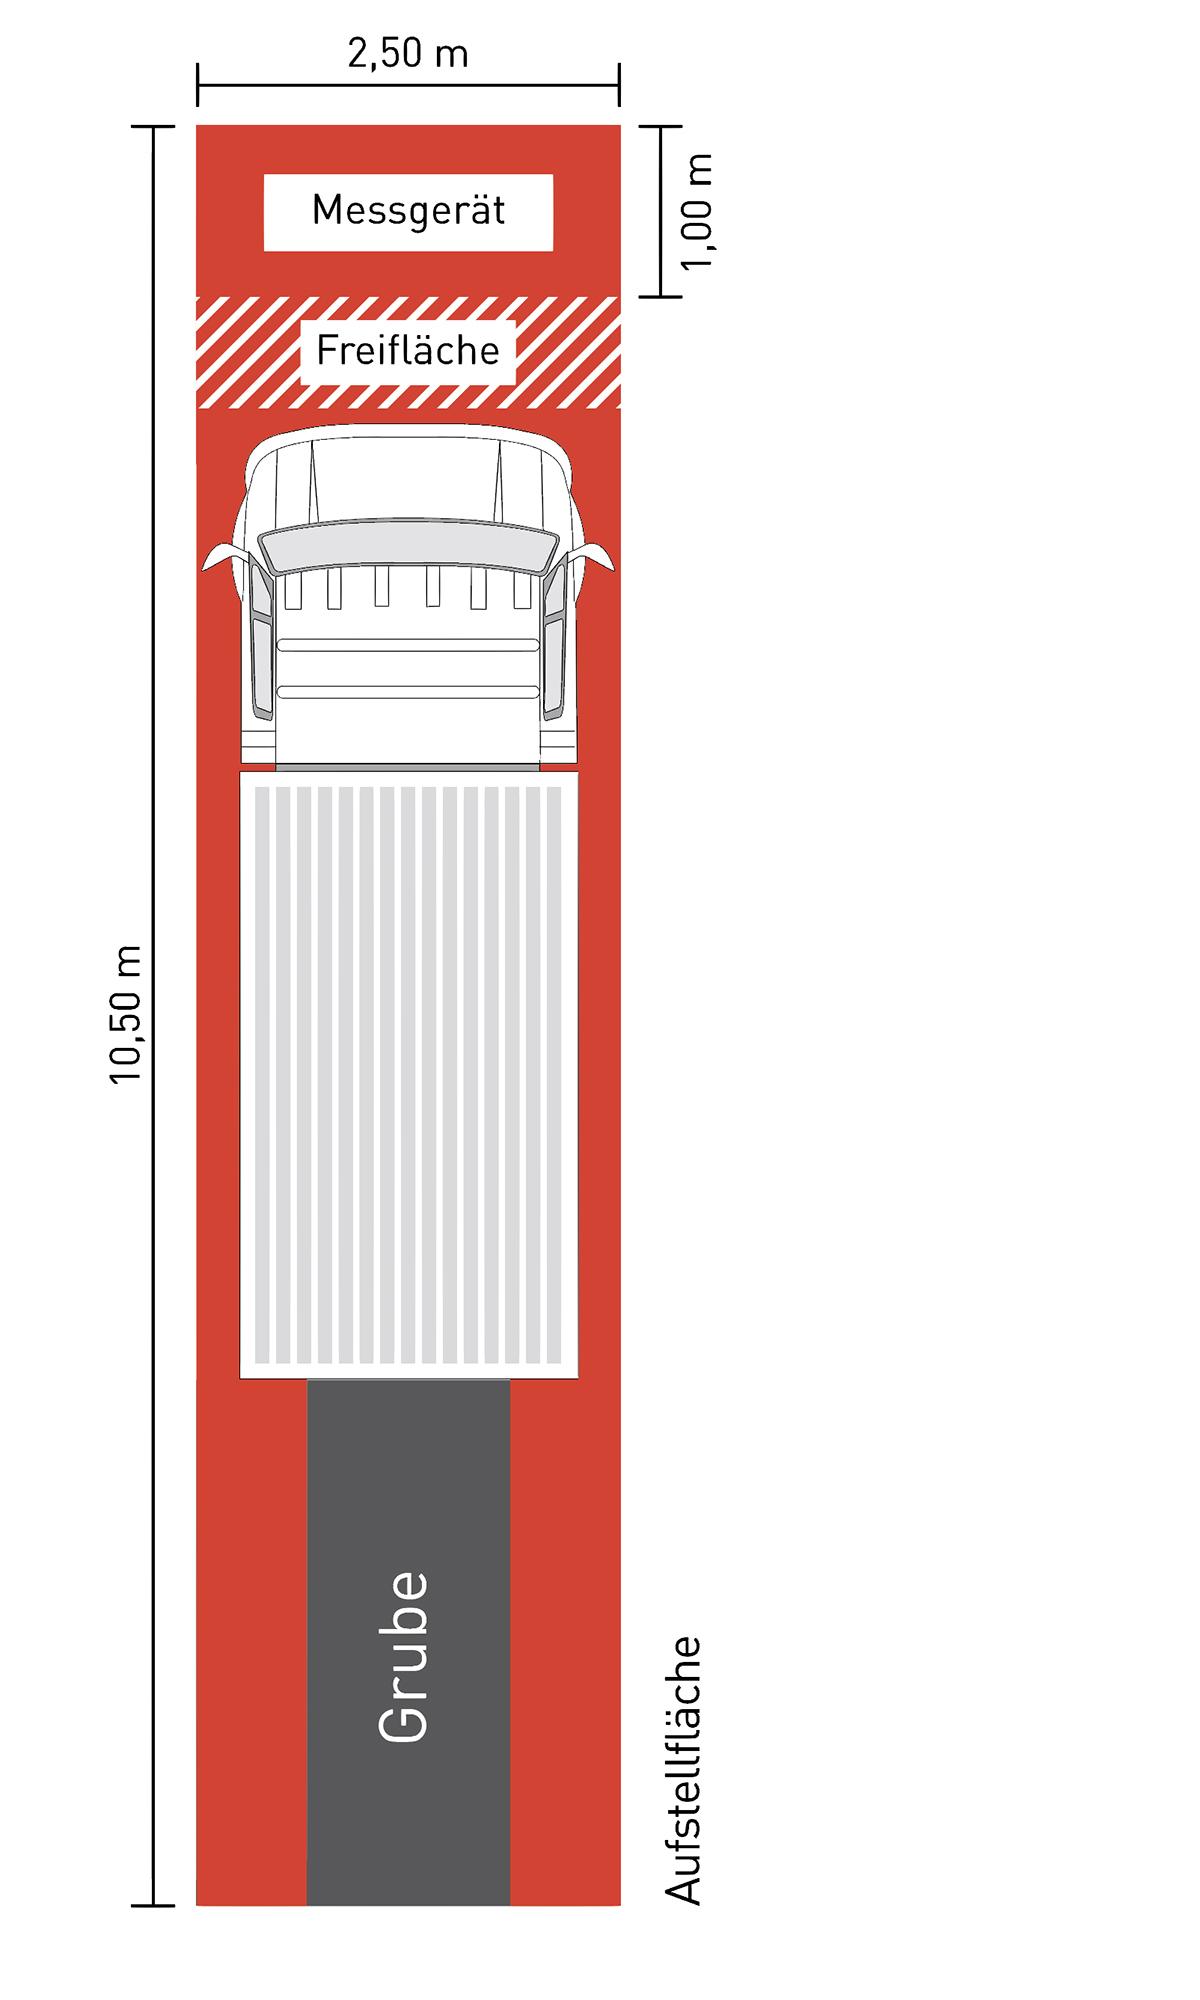 Scheinwerfereinstellplatz Lichteinstellplatz Aschaffenburg – Einstellplatz Fahrerassistenzsysteme für PKW und Nutzfahrzeuge